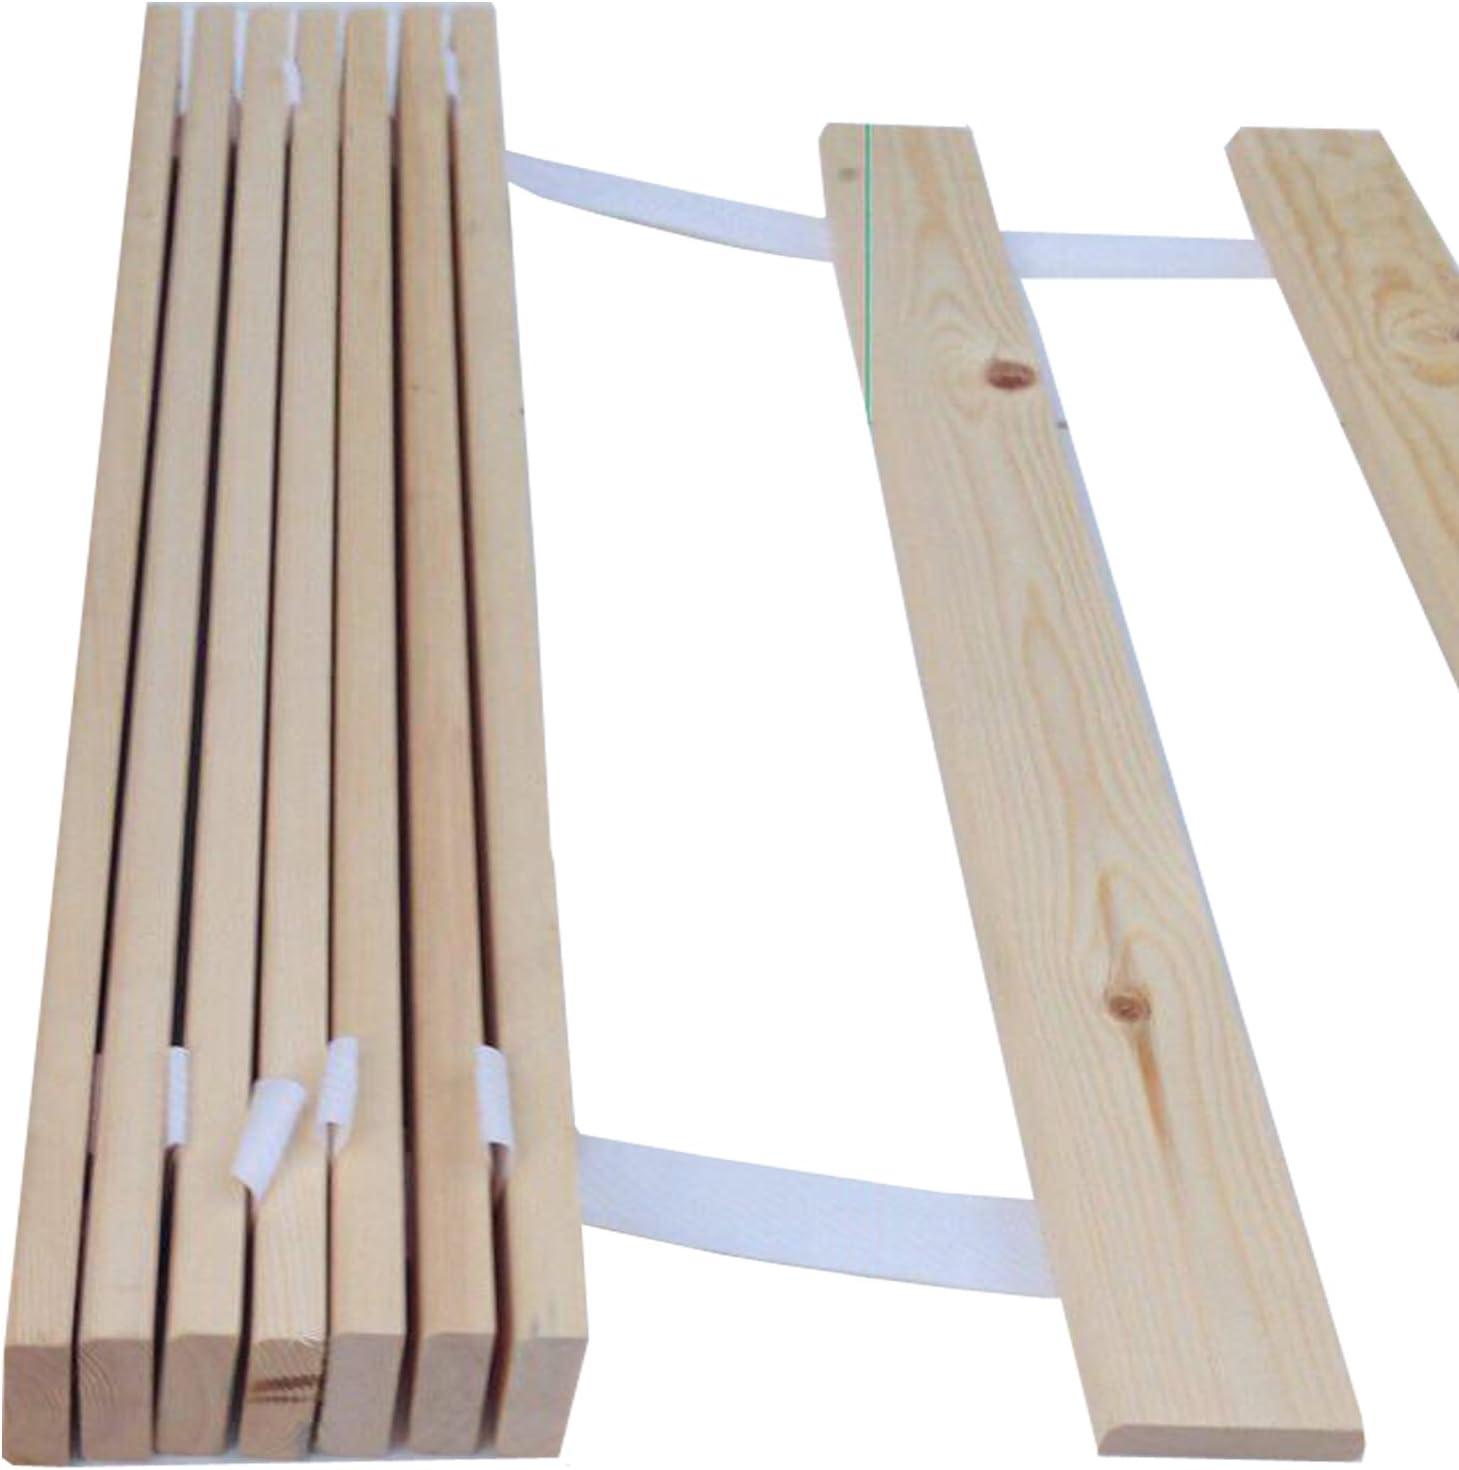 Cama de listones – Repuesto de madera somier disponibles 4 todos los tamaños con entrega gratuita, madera, 5FT Kingsize=2x76cm